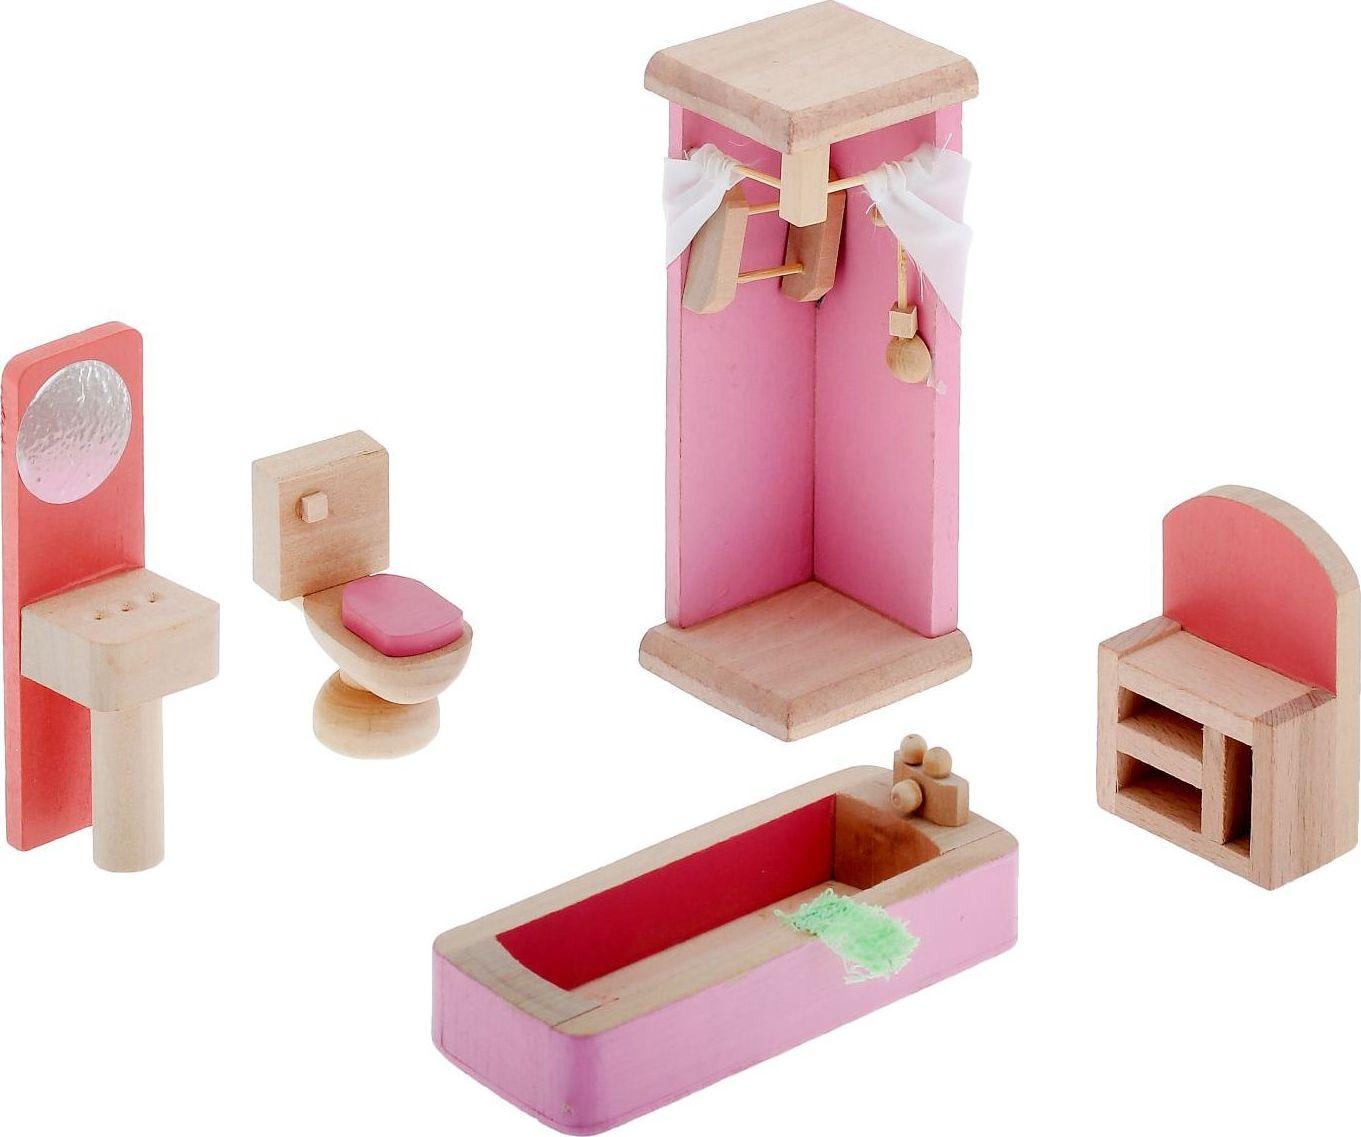 Sima-land Мебель для кукол Ванная комната 5 предметов 730417 sima land мебель для кукол гостиная 11 предметов 730418